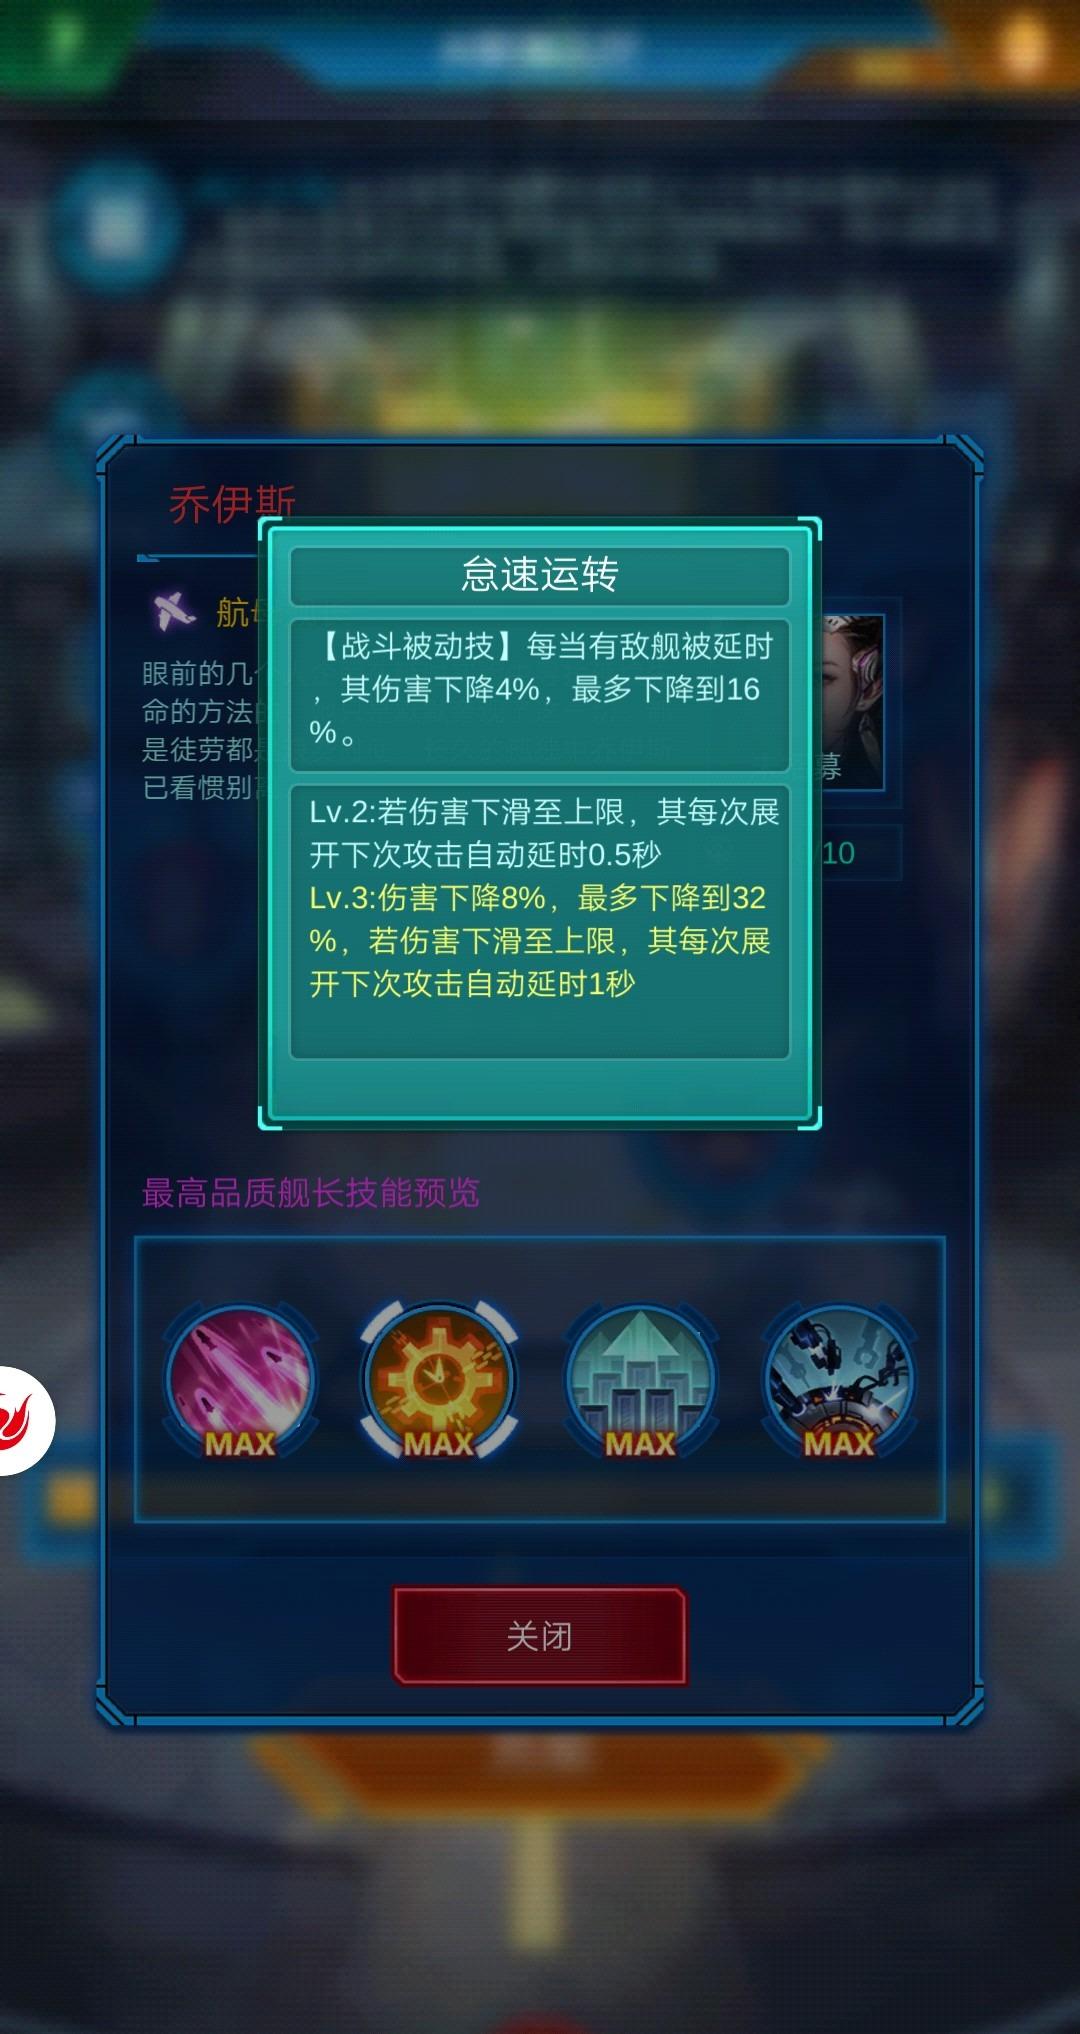 Screenshot_2020_0601_231525.jpg